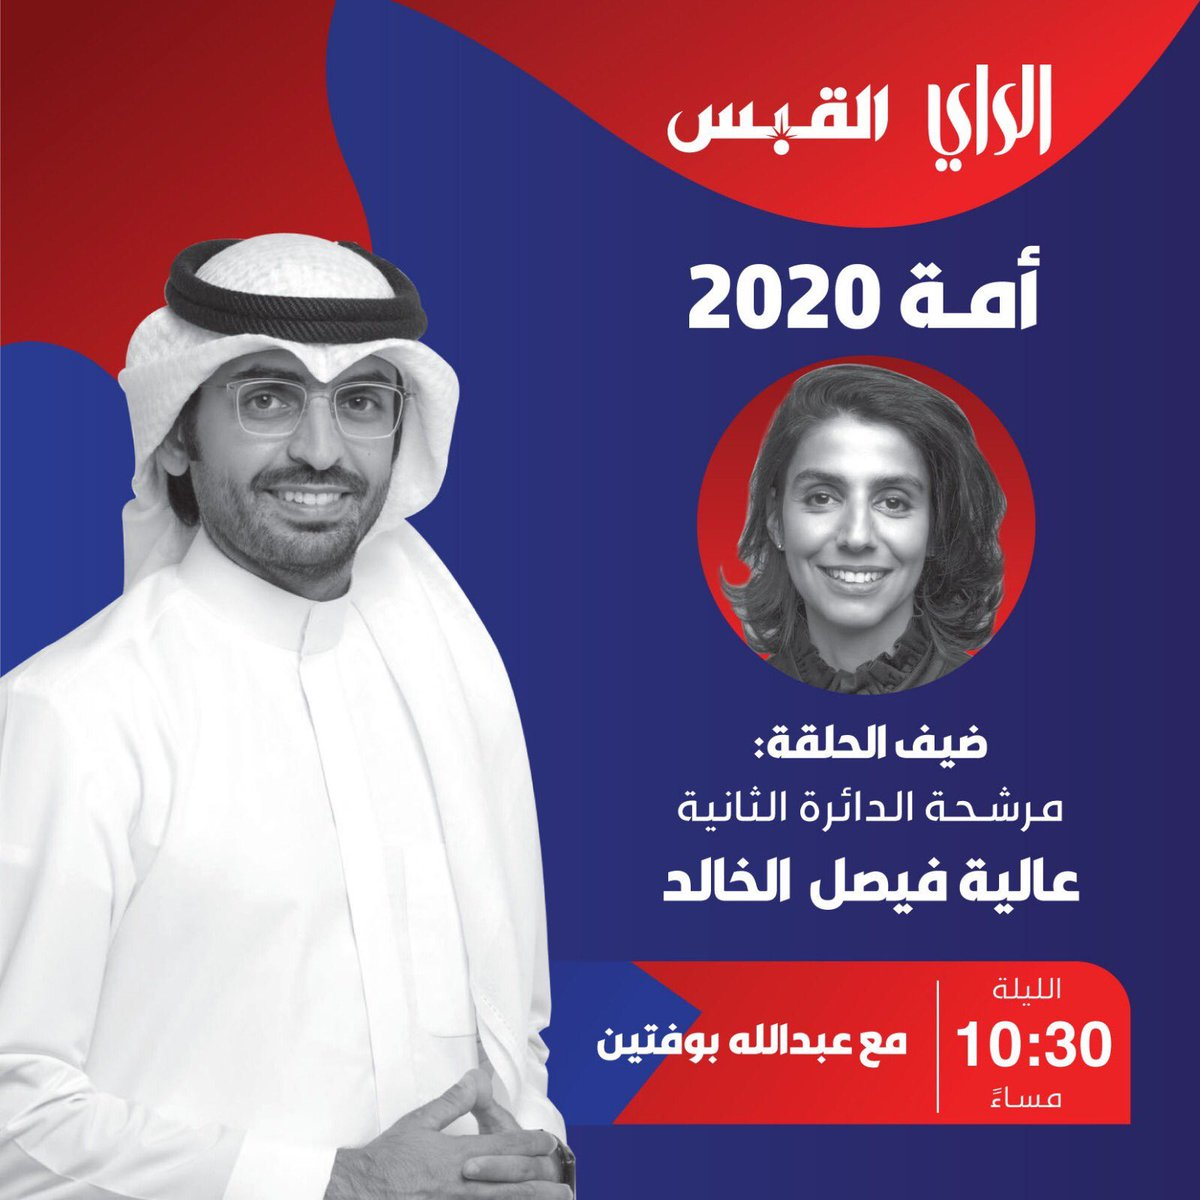 أتشرّف بمتابعتكم لمقابلتي مع الإعلامي عبدالله بوفتين على قناة الراي - القبس الليلة في تمام الساعة ١٠:٣٠ مساءً @AbdullahBoftain   #عاليه_خالد  #الدائرة_الثانية #انتخابات_مجلس_الأمة_2020  #AFK2020